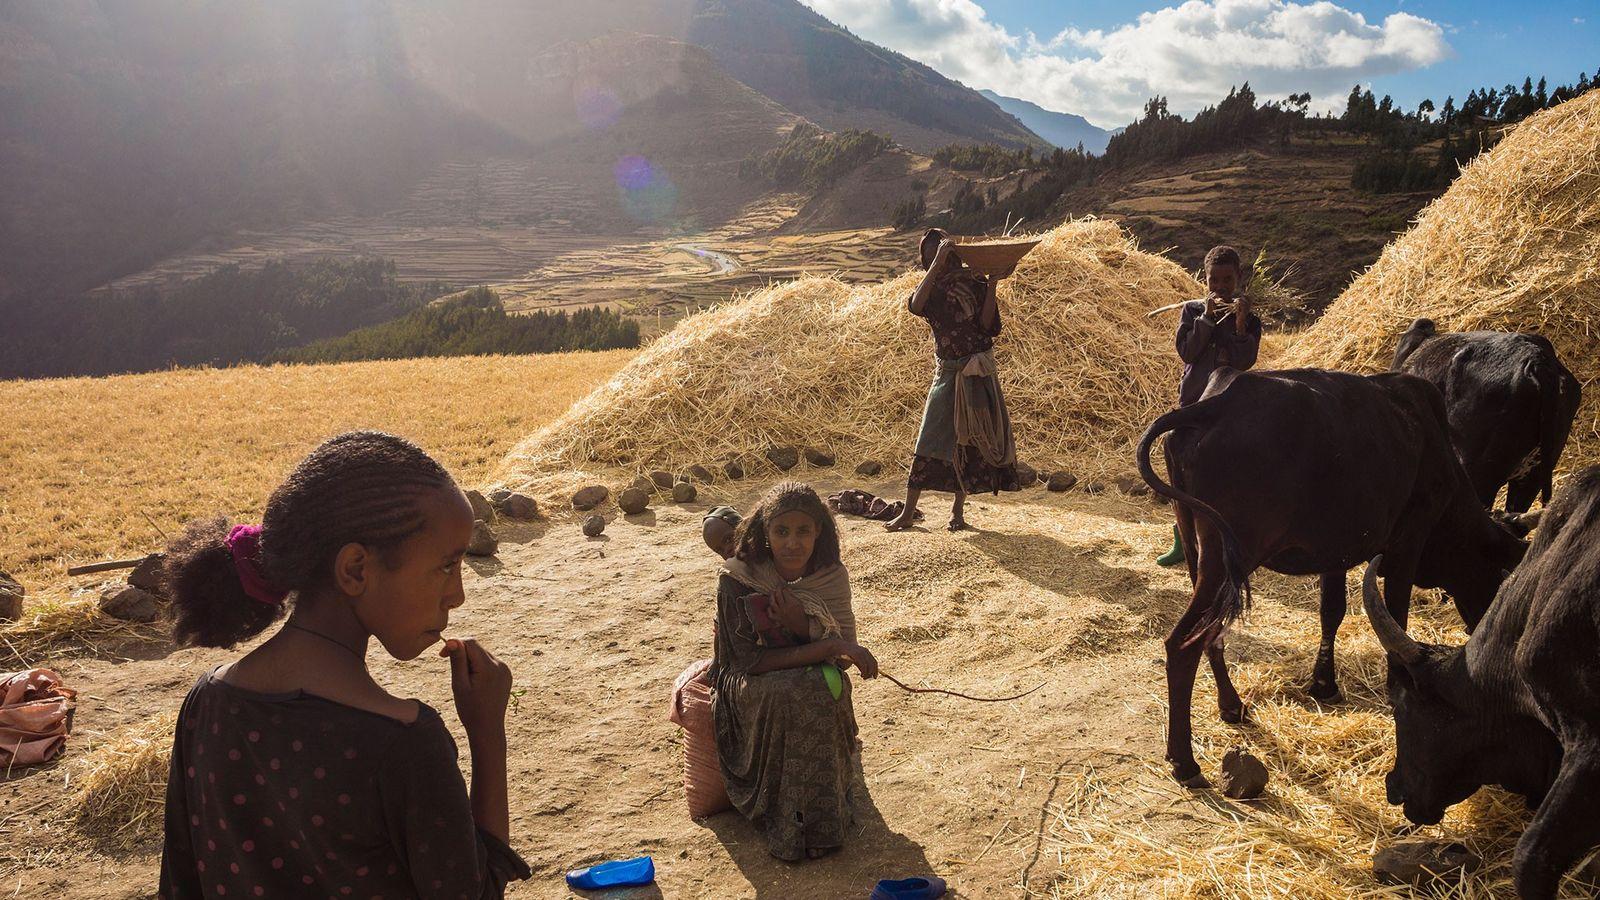 Usando ferramentas de mão e animais de trabalho, uma família colhe trigo nas terras altas da ...